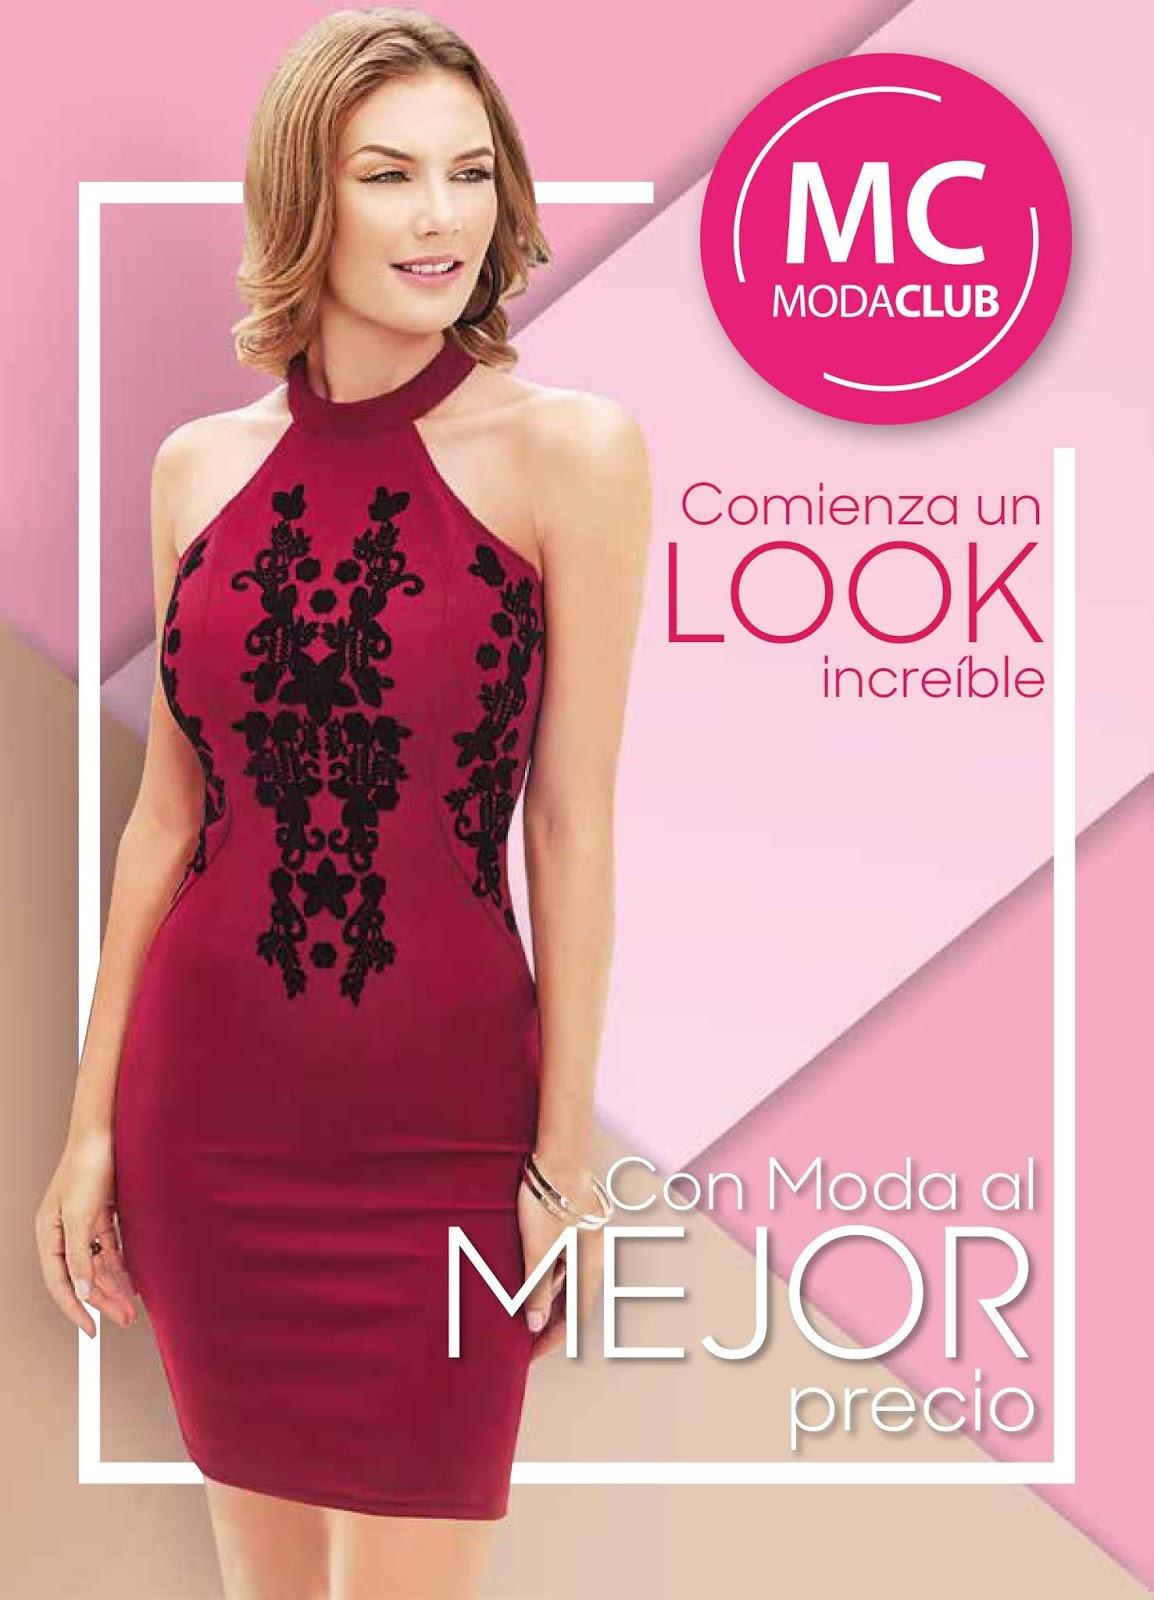 catalogo modaclub ofertas